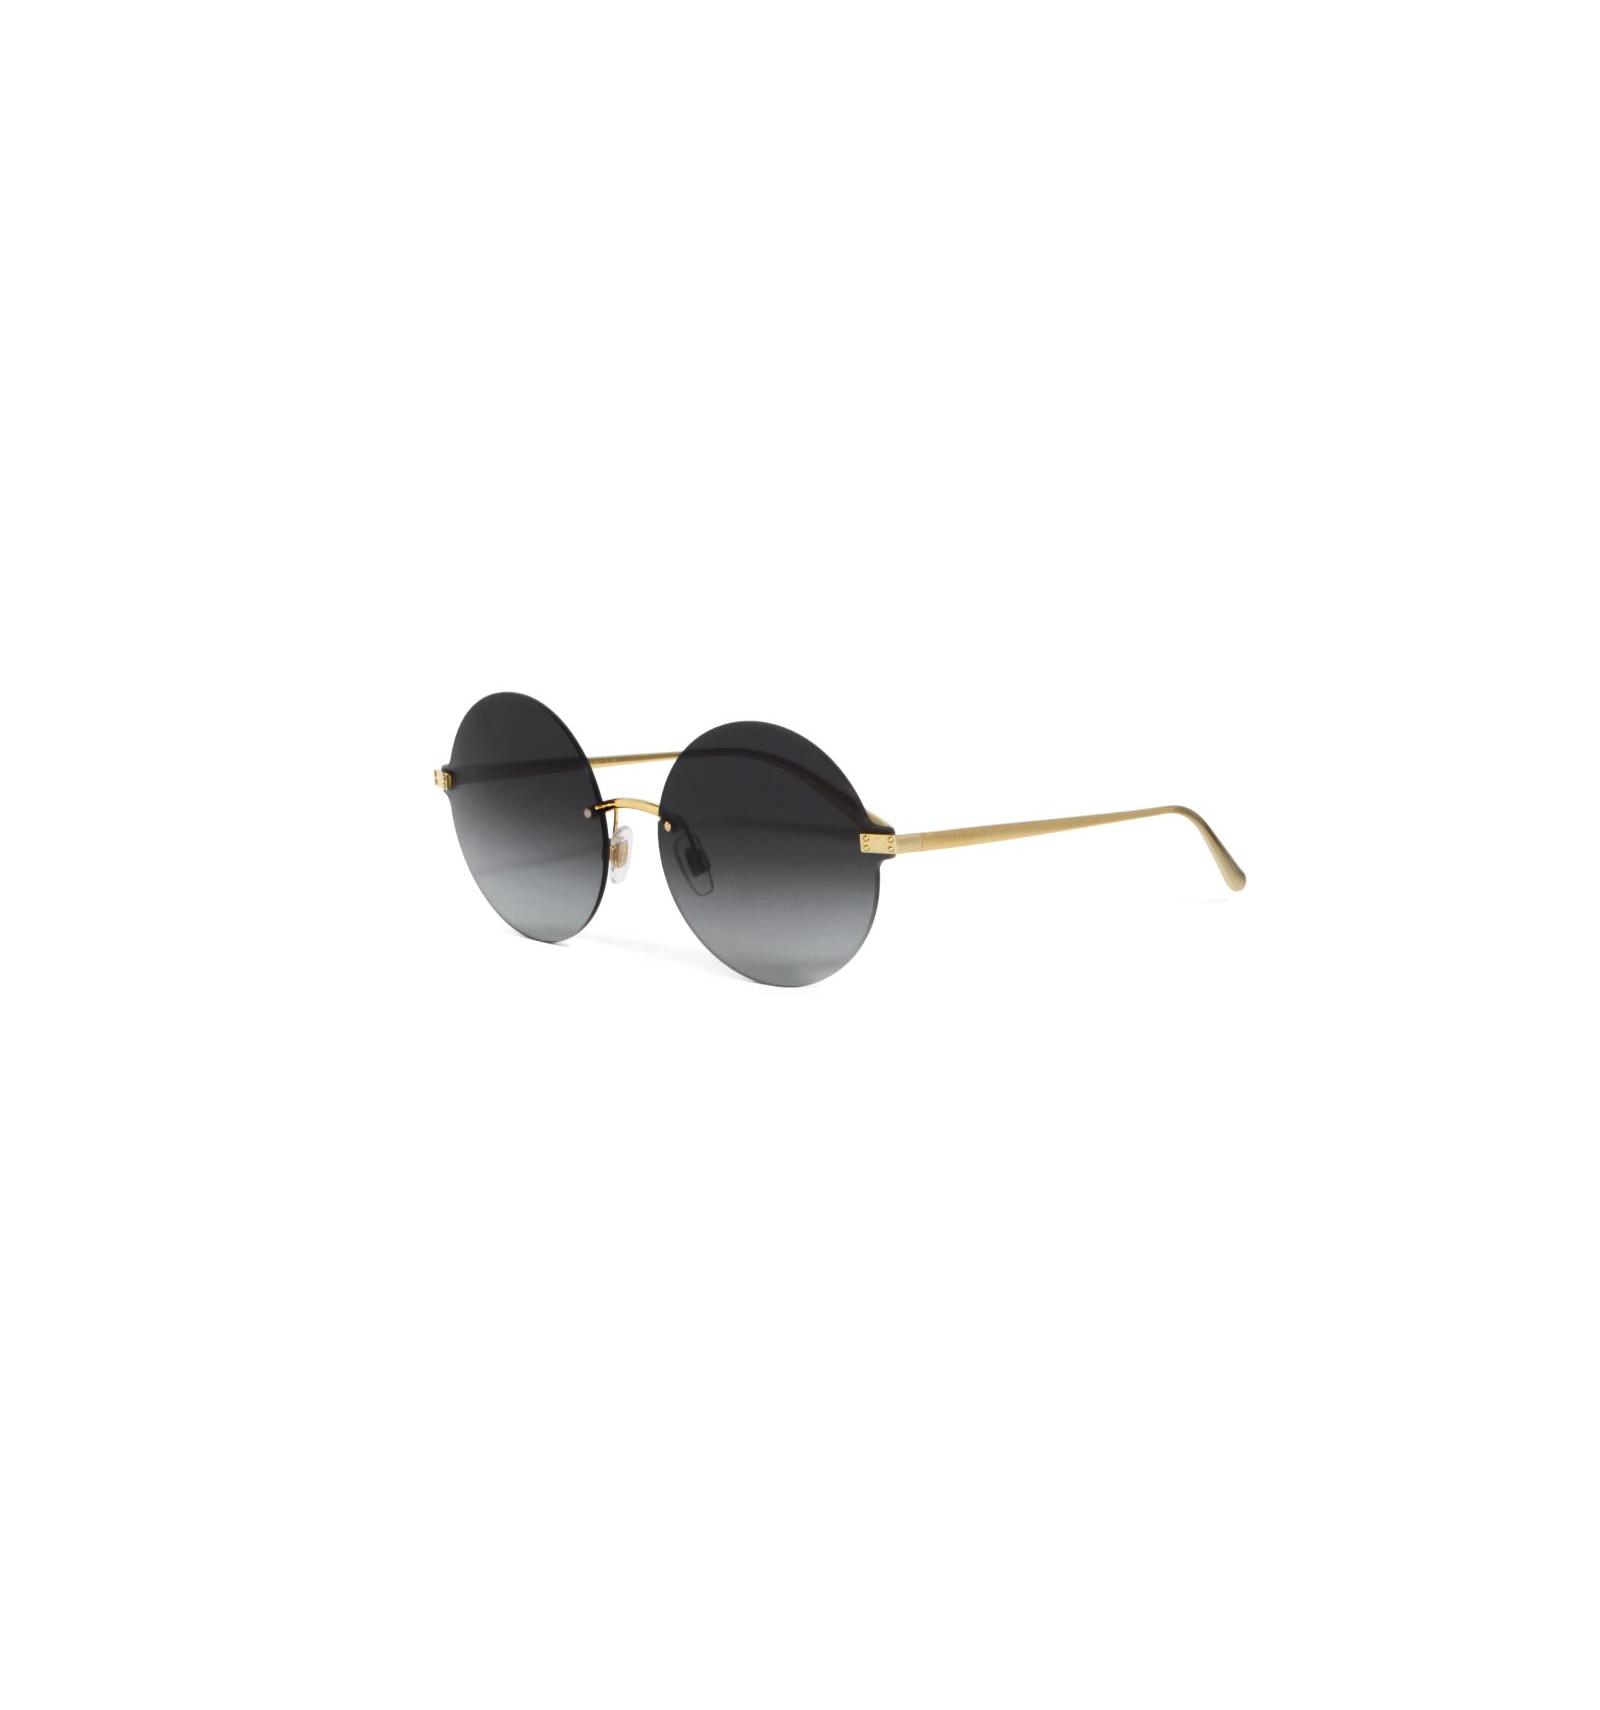 Dolce & Gabbana DG 2228 Occhiali da Sole Donna Tondo Metallo